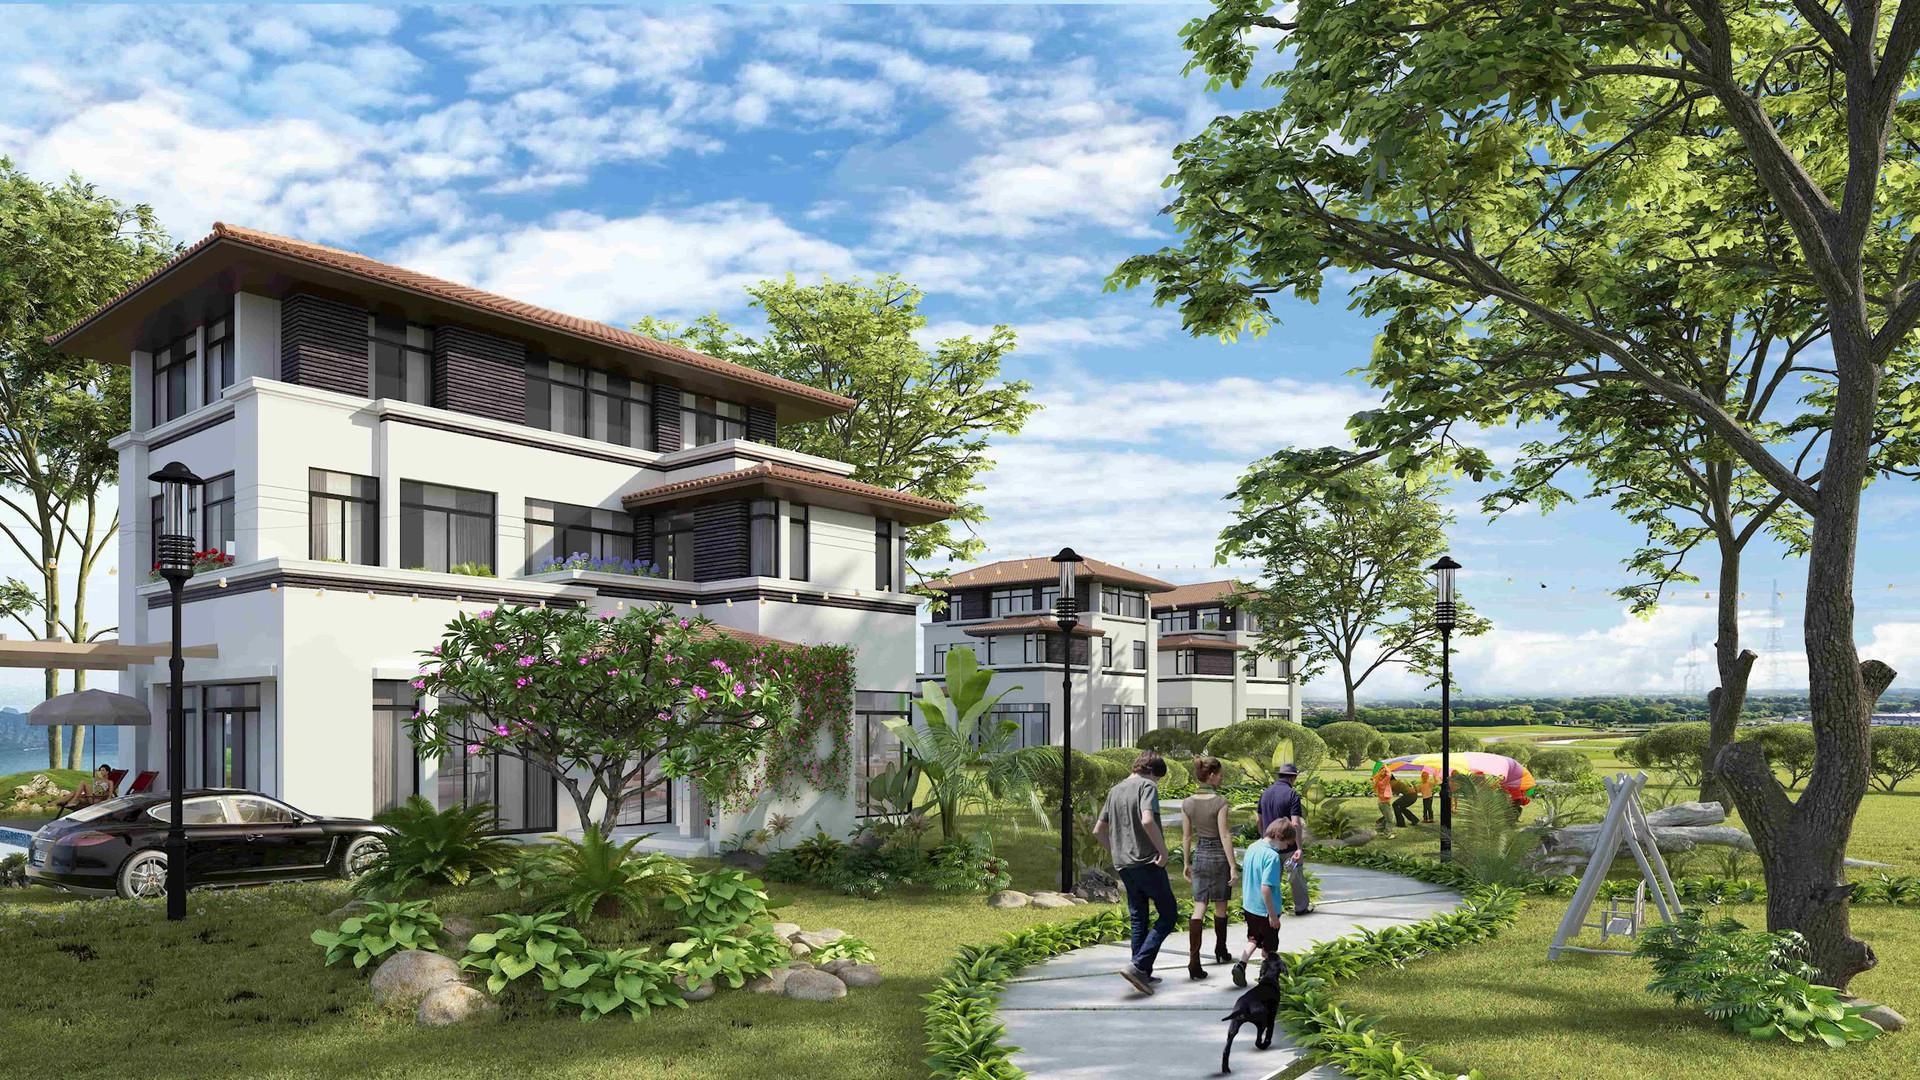 Hình ảnh: 'Nghỉ dưỡng tại gia' lên ngôi, villa biển Hạ Long vào tầm ngắm nhà đầu tư số 1